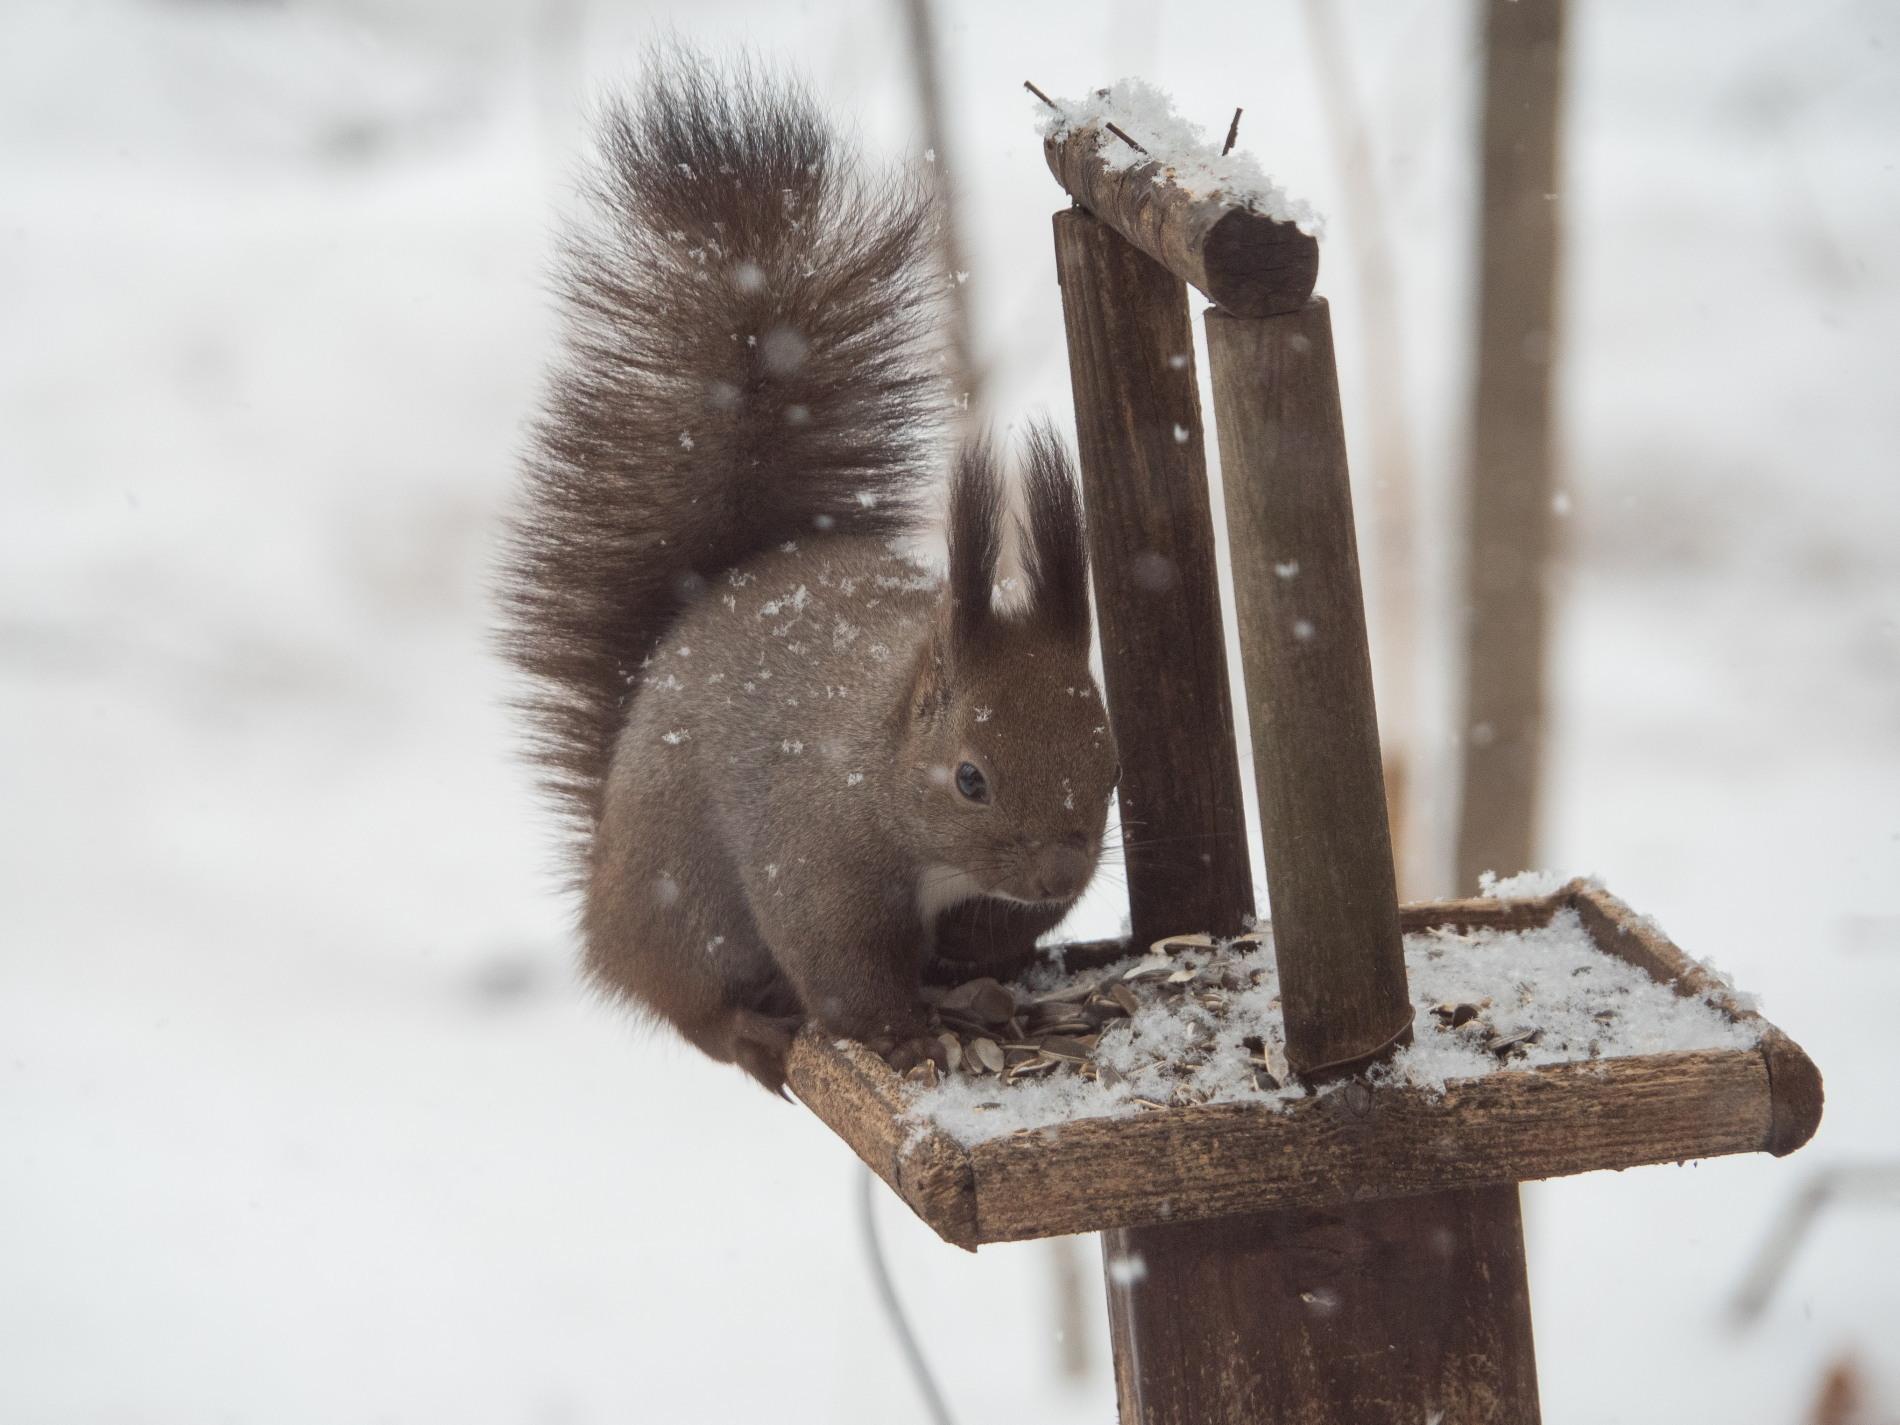 今度は大雪かな?雪に埋もれてしまうよ・・エゾリス君!_f0276498_20070037.jpg